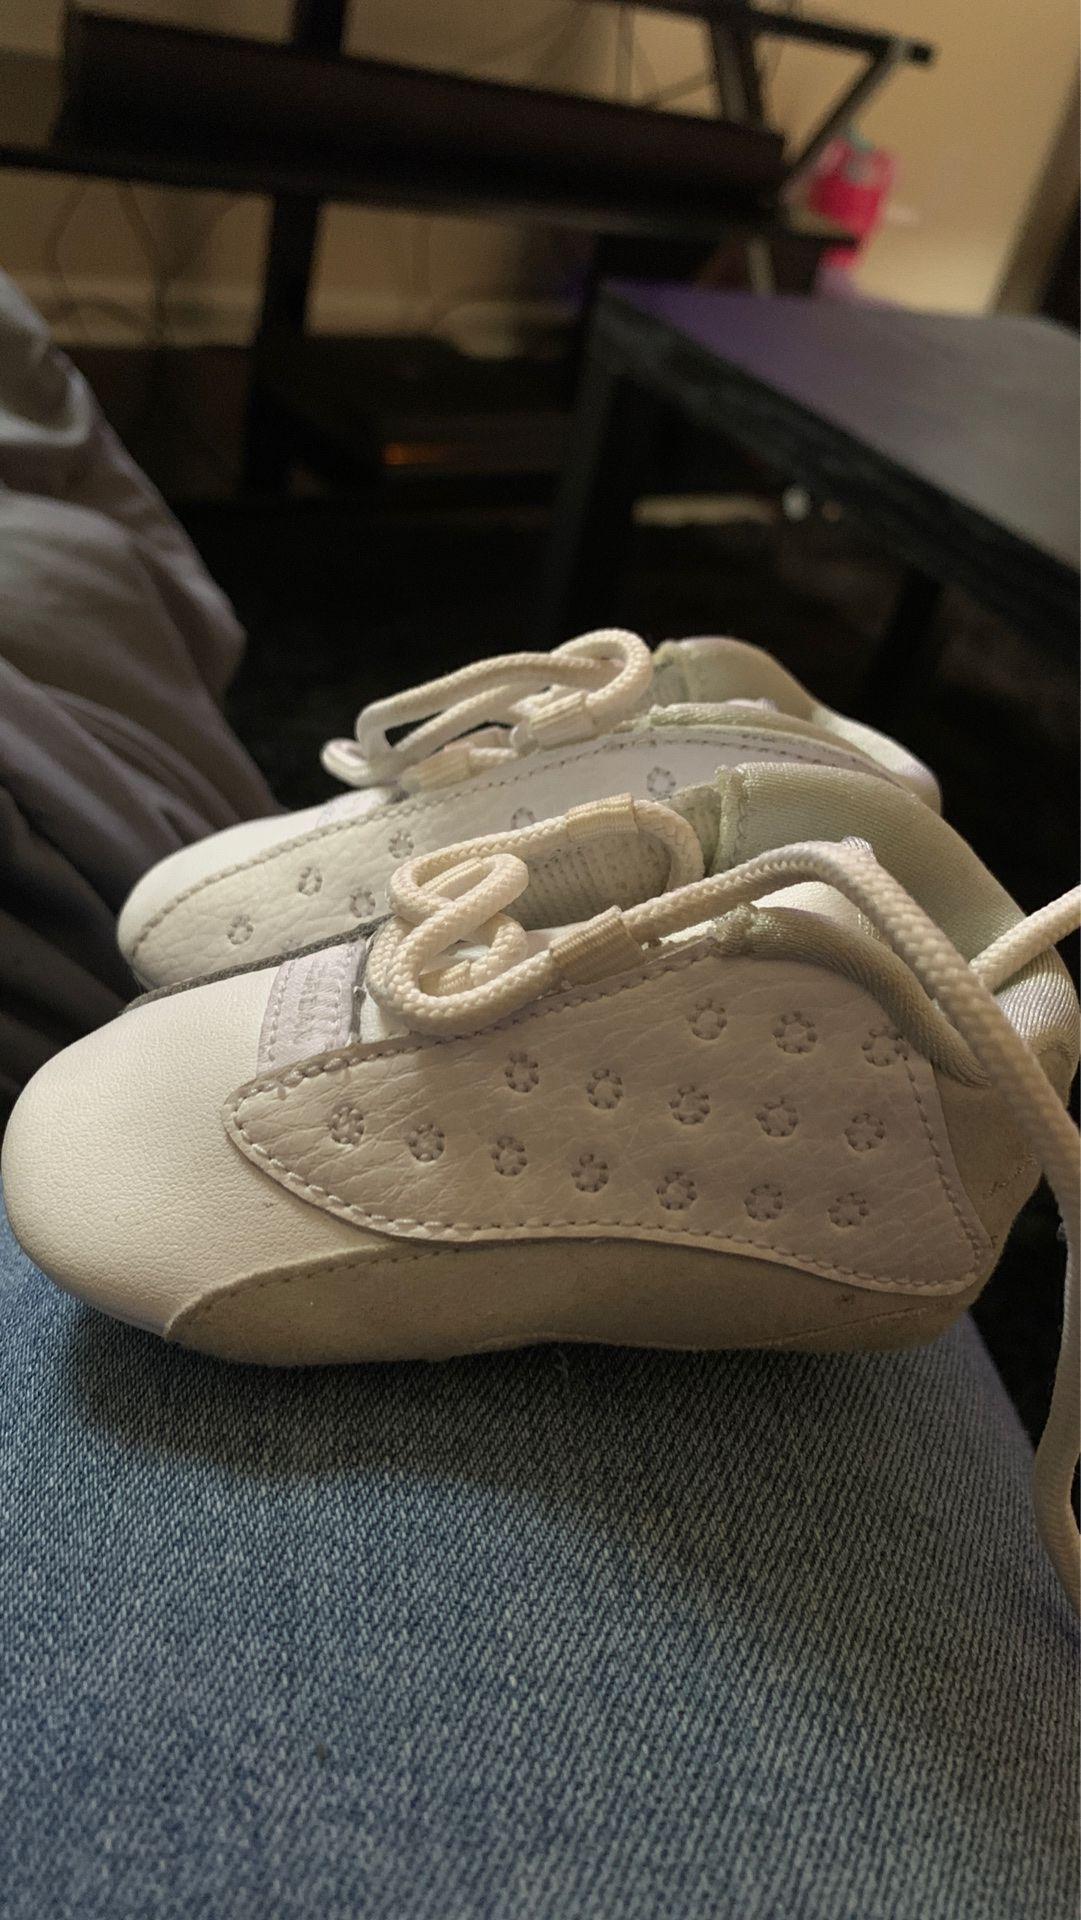 Baby Jordan's size 2c